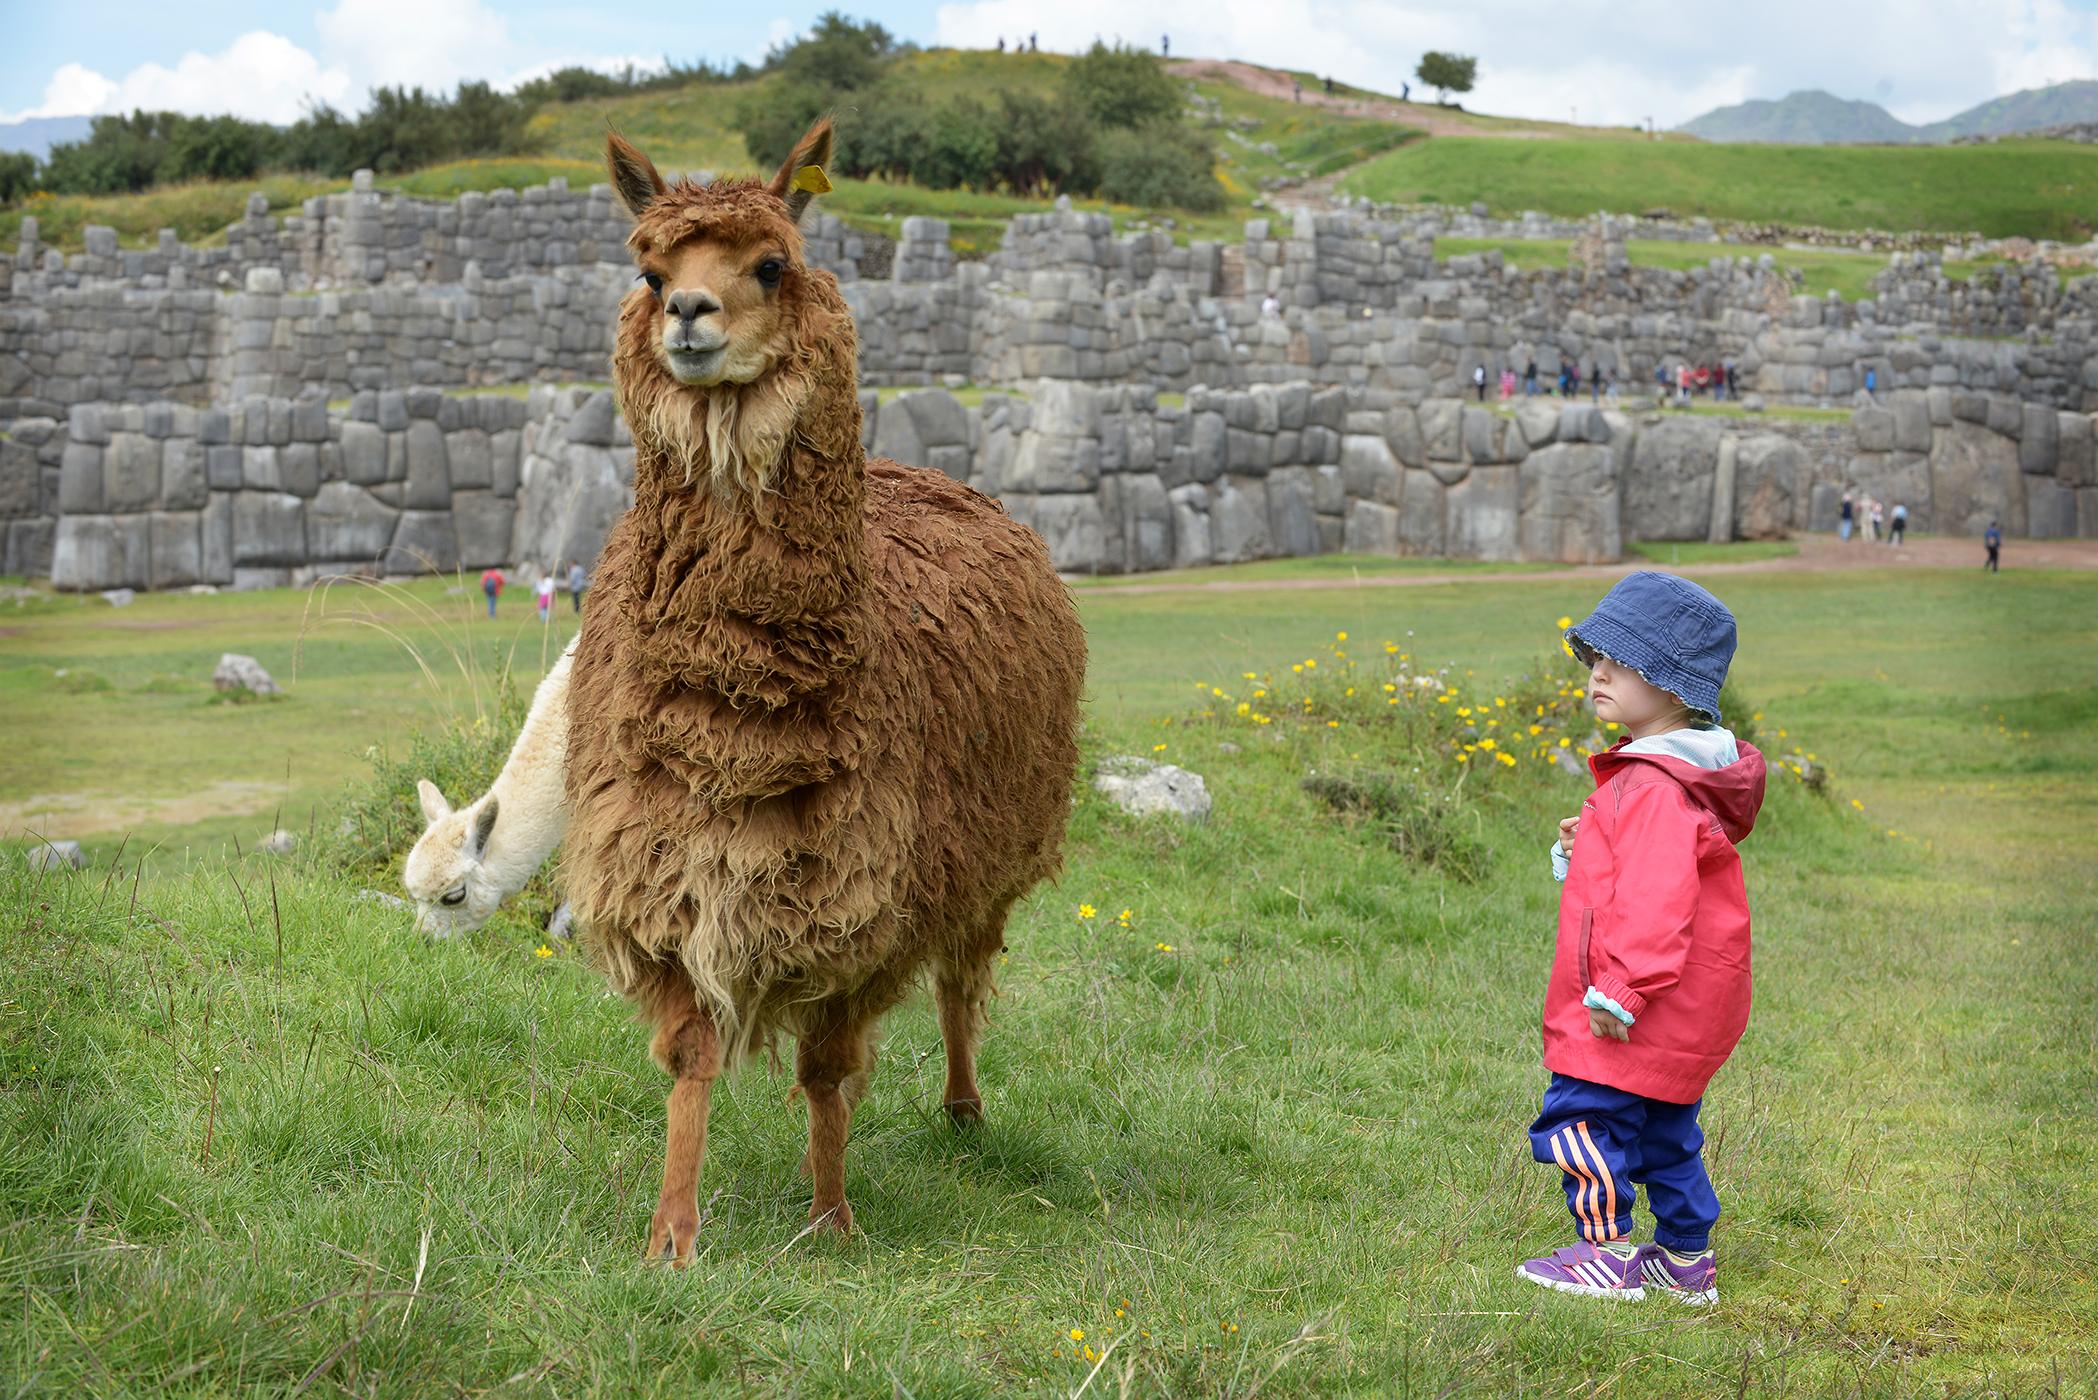 Peru, Etelä-Amerikka, perhematkailu, lapsiperhematkailu, matkablogi, matka, reissu, kerran elämässä, laama